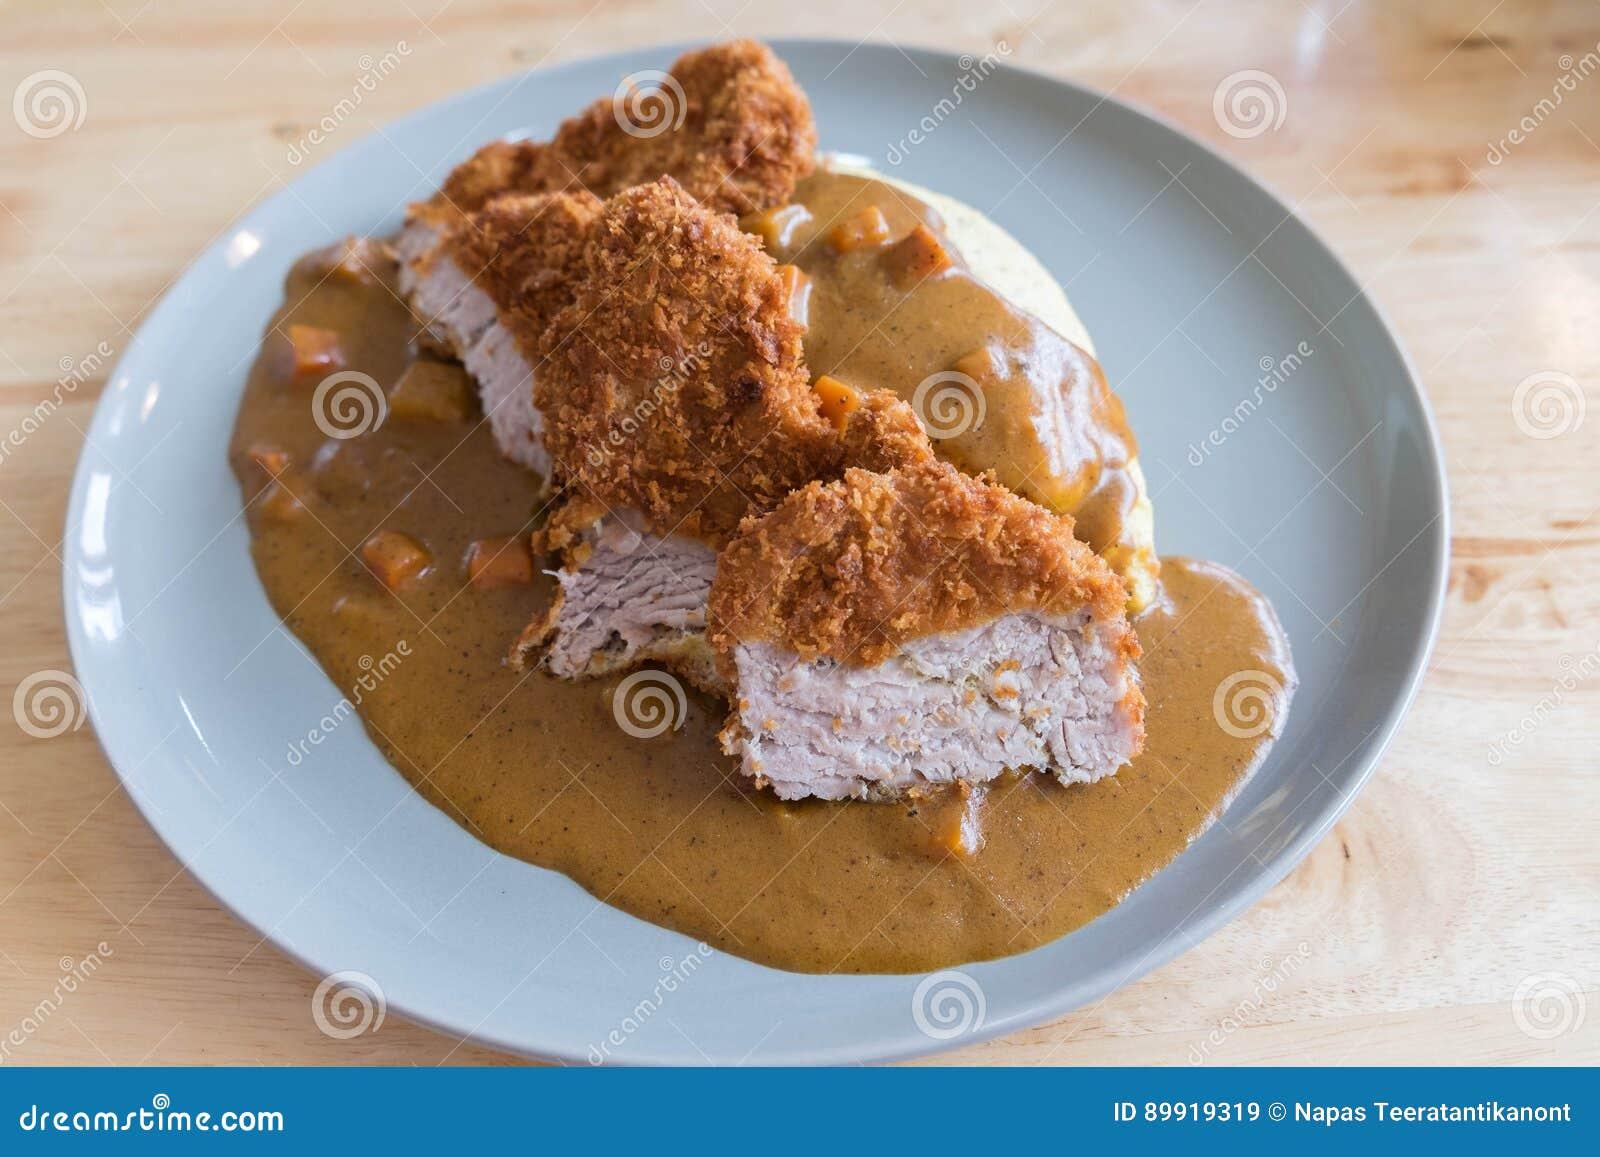 煎蛋卷米用日本咖喱和面包被油炸的猪肉炸肉排在现代木表上